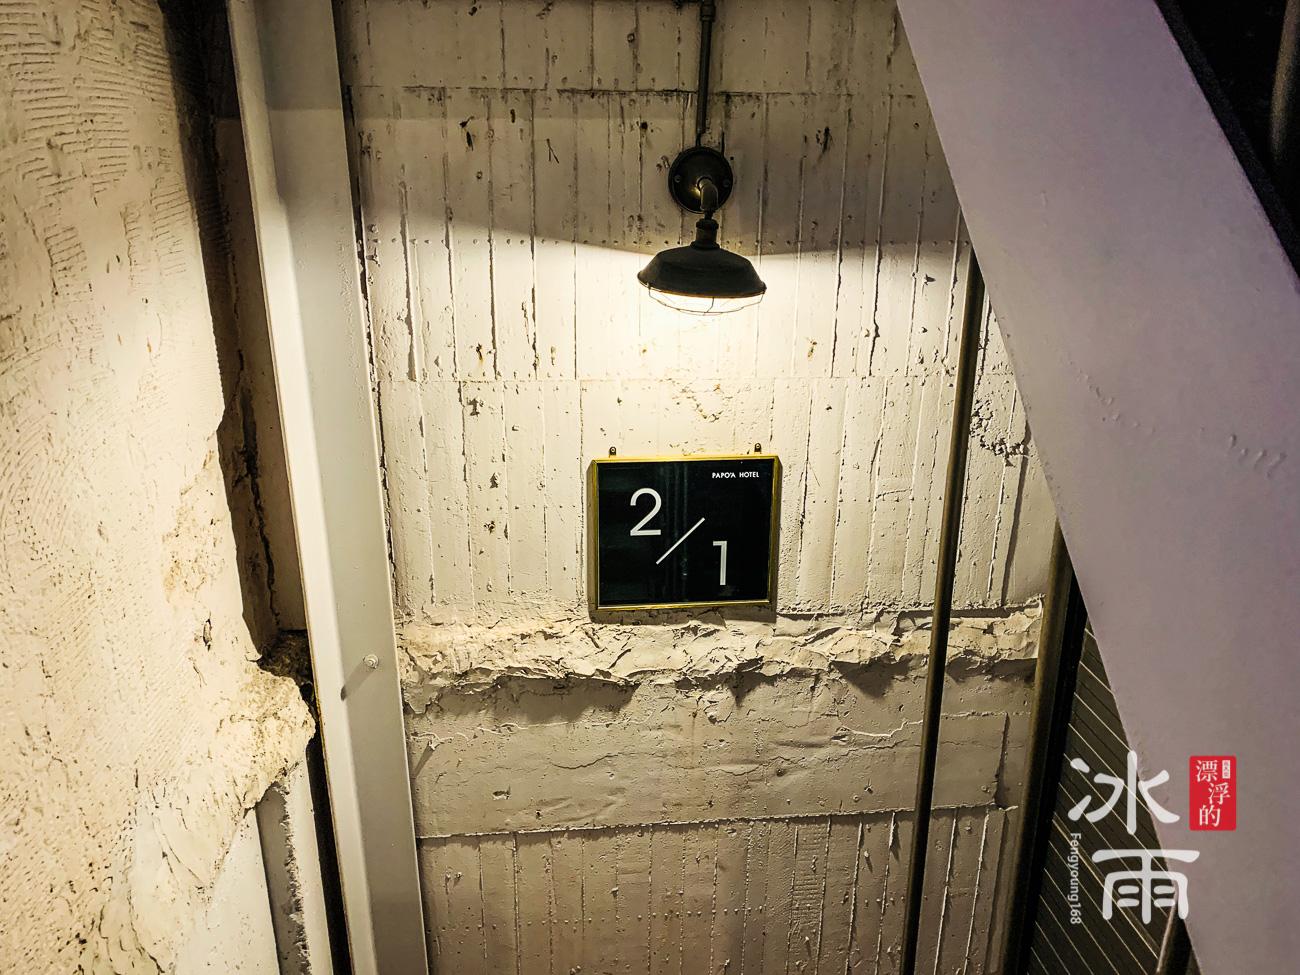 帕鉑舍旅 高雄住宿推薦 一樓安全梯走向二樓,充滿了工業氣息的不裝飾樓梯LOFT